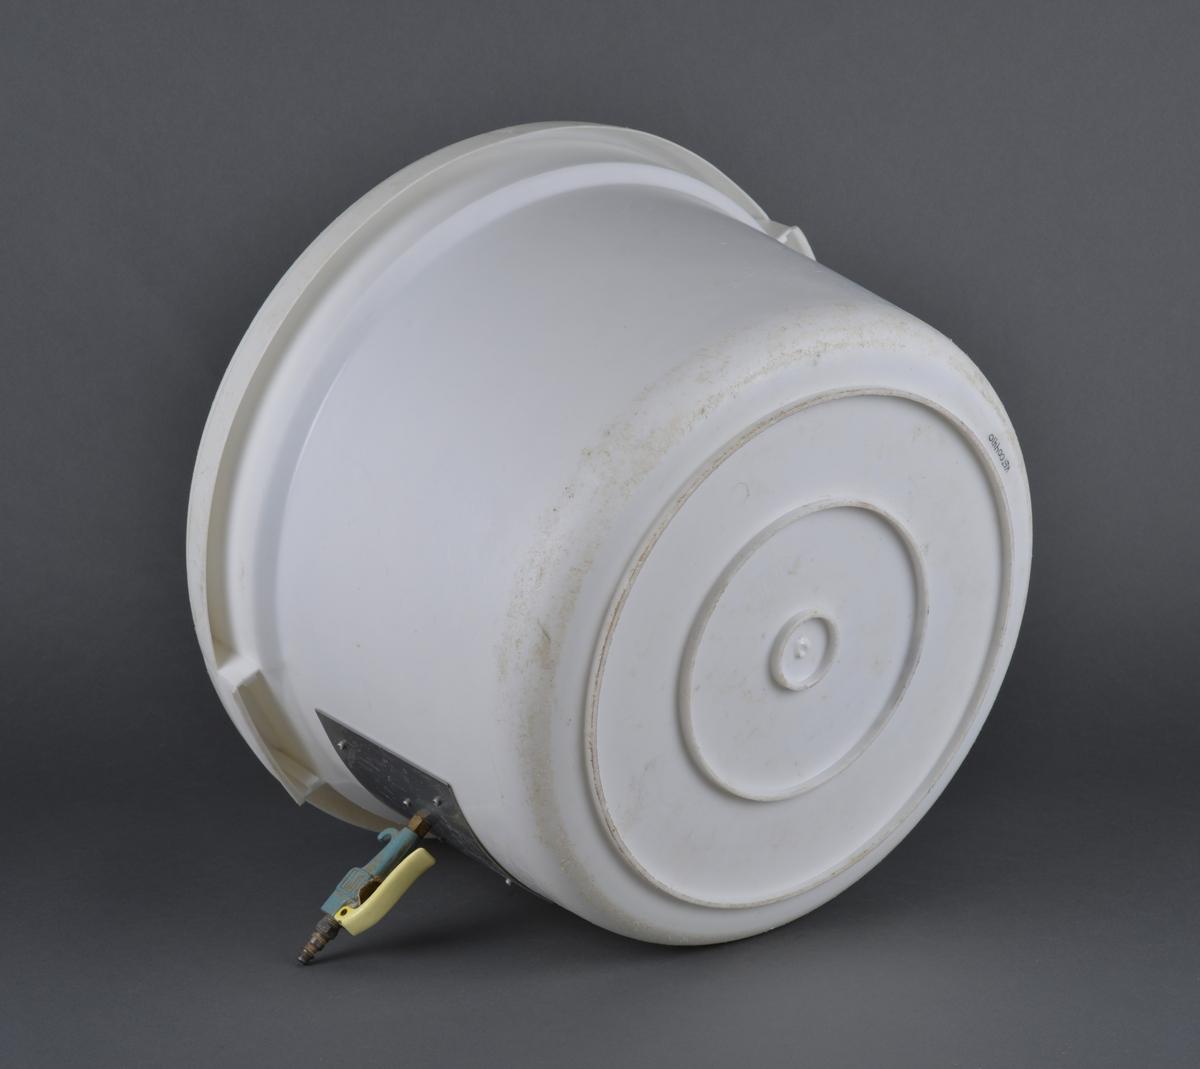 Plastkar med påmontert vakumdyse.  Kvaderatisk metallplate (14 x 14 cm) er skrudd fast til plastkaret, på den er dysen festet.  Brukt ved rensing av krabbeklør. Stanset ut et hull i plastkaret 10 cm opp fra bunnen. Diameter på hullet er 11 cm Redskap i hermetikkindustrien